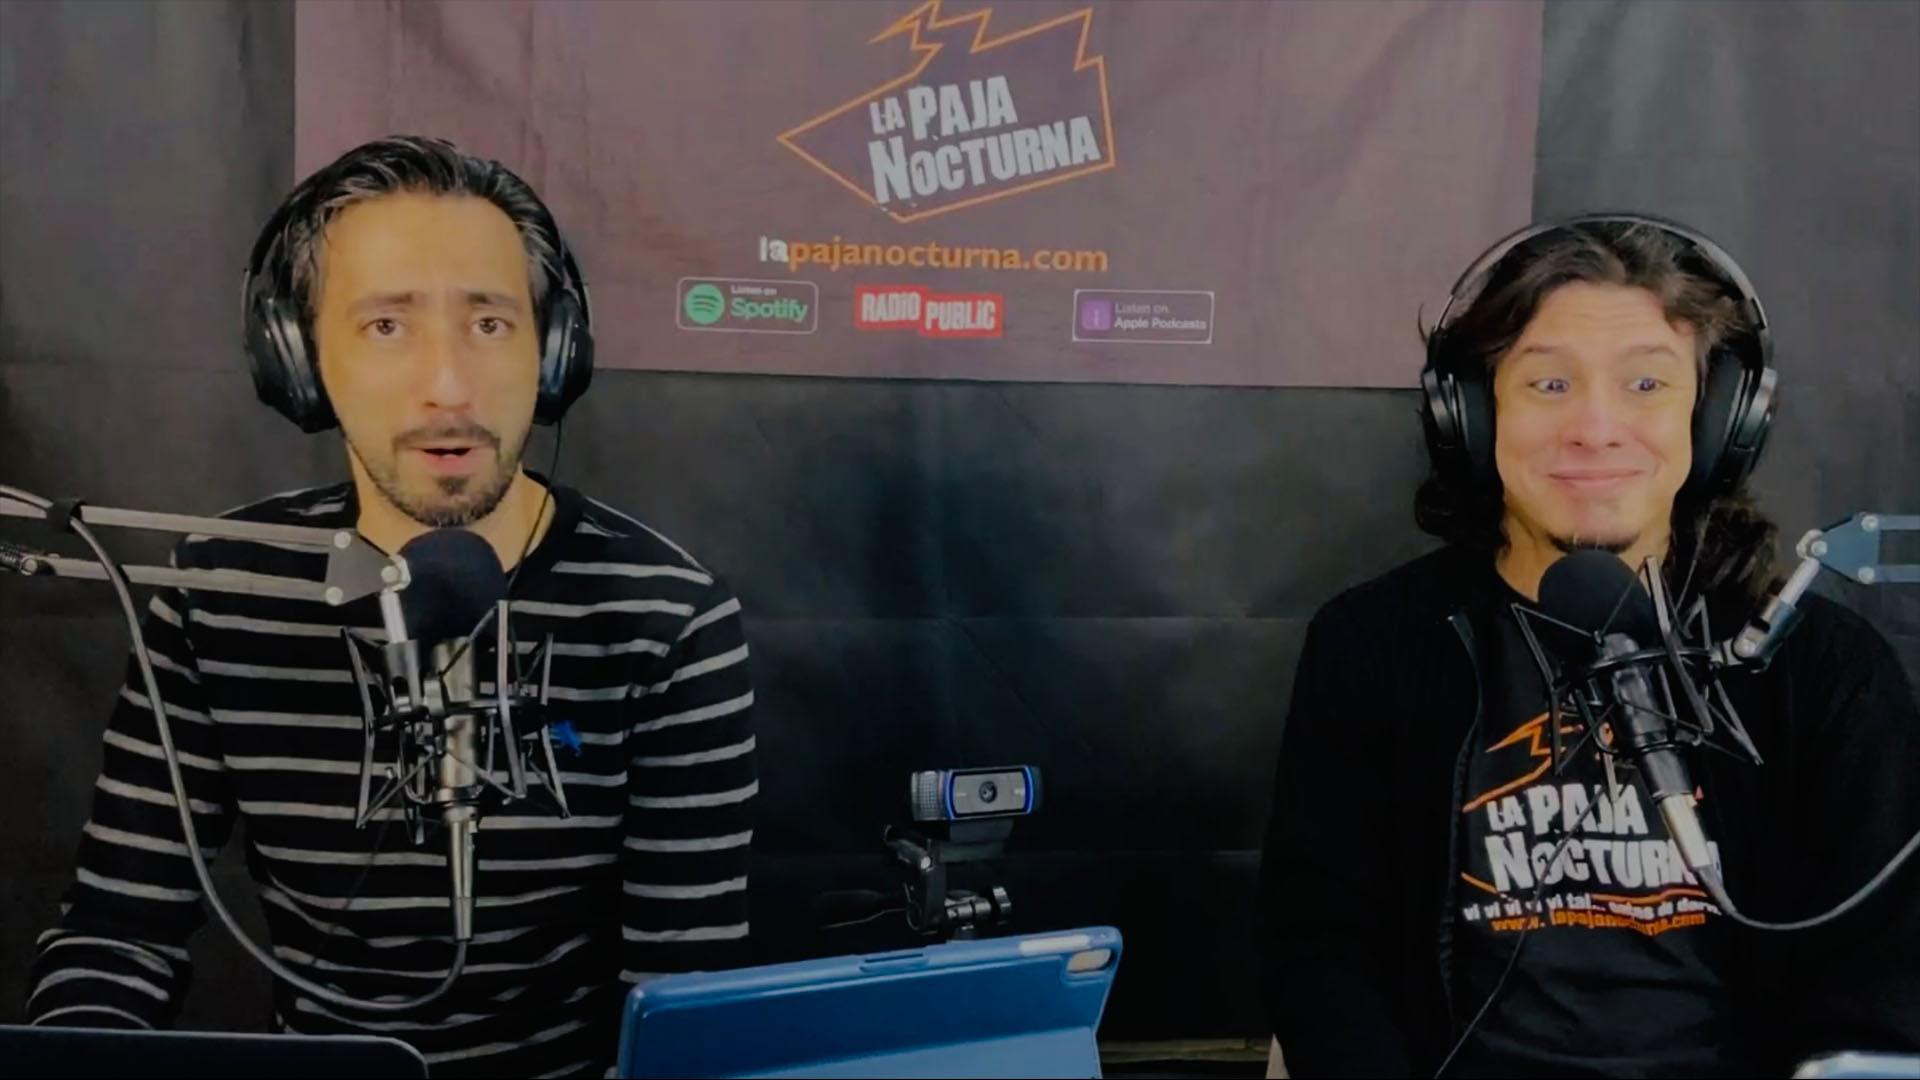 La paja nocturna podcast Episodio 111